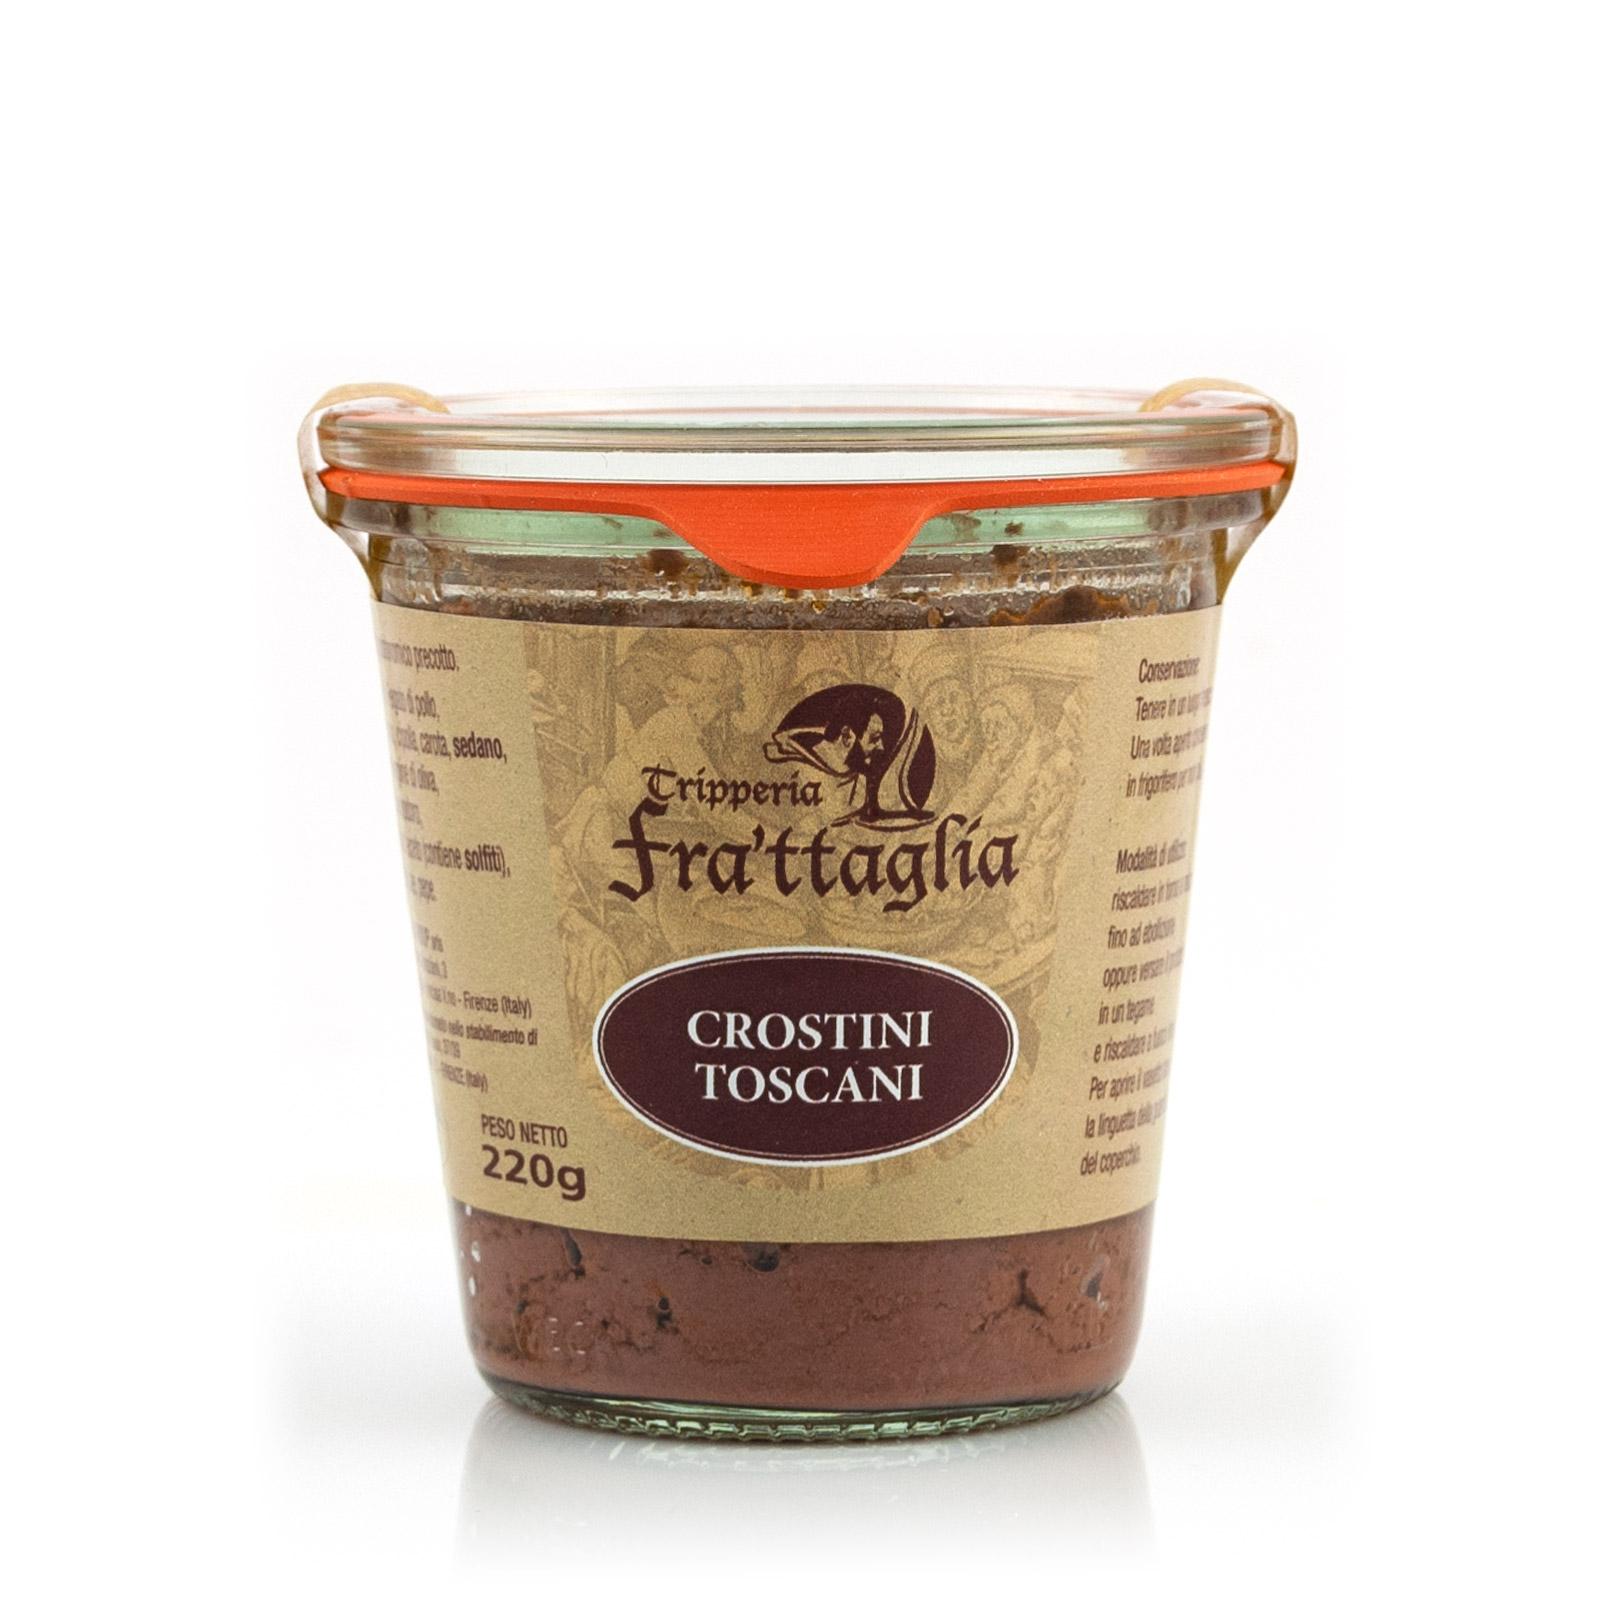 Tripperia Frattaglia Crostino Toscano